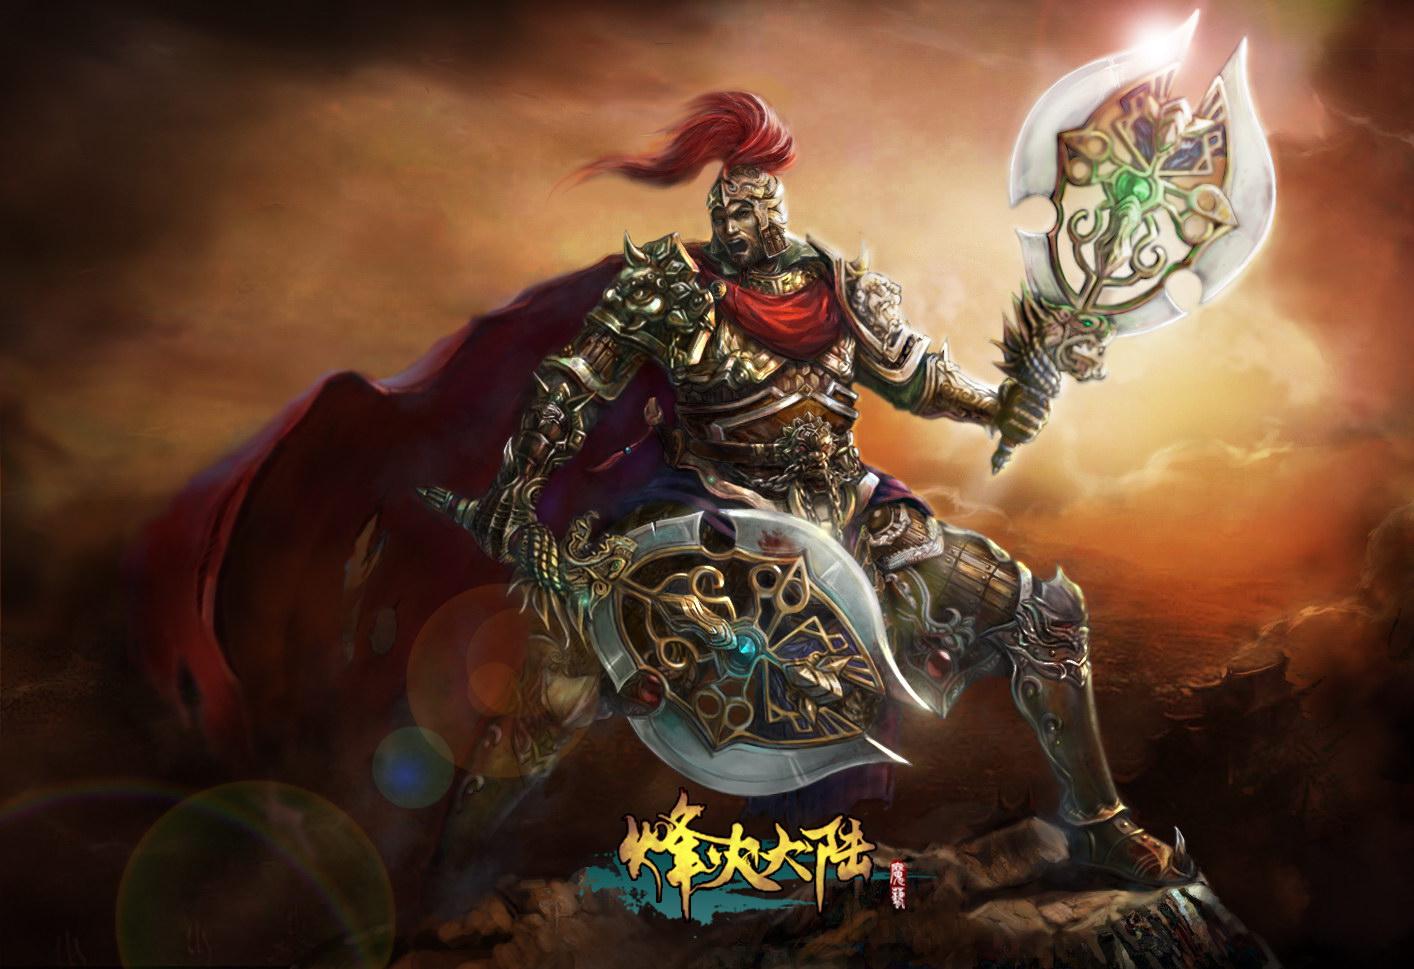 梦工厂《烽火大陆》是一款大型东方玄幻题材2D即时制PK页游。《烽火大陆》涵盖穿越、武侠、修真、逐鹿争霸等众多元素,为玩家带来一个神秘的世界。游戏中有妖兽、境界和宗派三大特色系统!在这里,各位玩家可以扮演英雄、霸主、巨贾或是侠客,在乱世中追寻梦想,快意恩仇,搏击宿命!